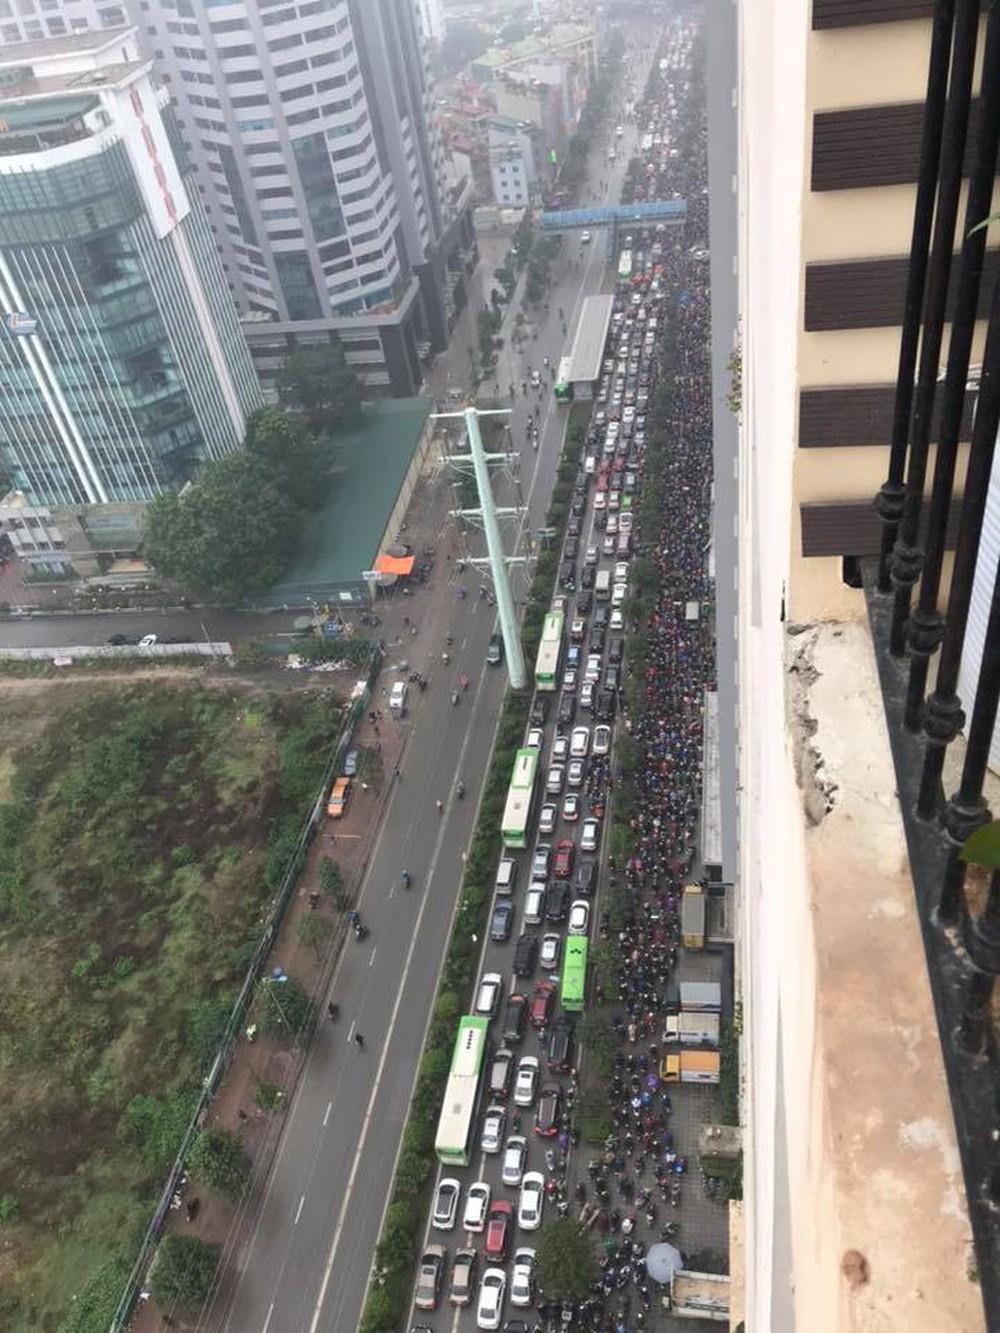 Tắc đường kinh hoàng ở Hà Nội sáng nay: Qua 20 cái đèn xanh rồi mà vẫn không thể di chuyển - Ảnh 4.